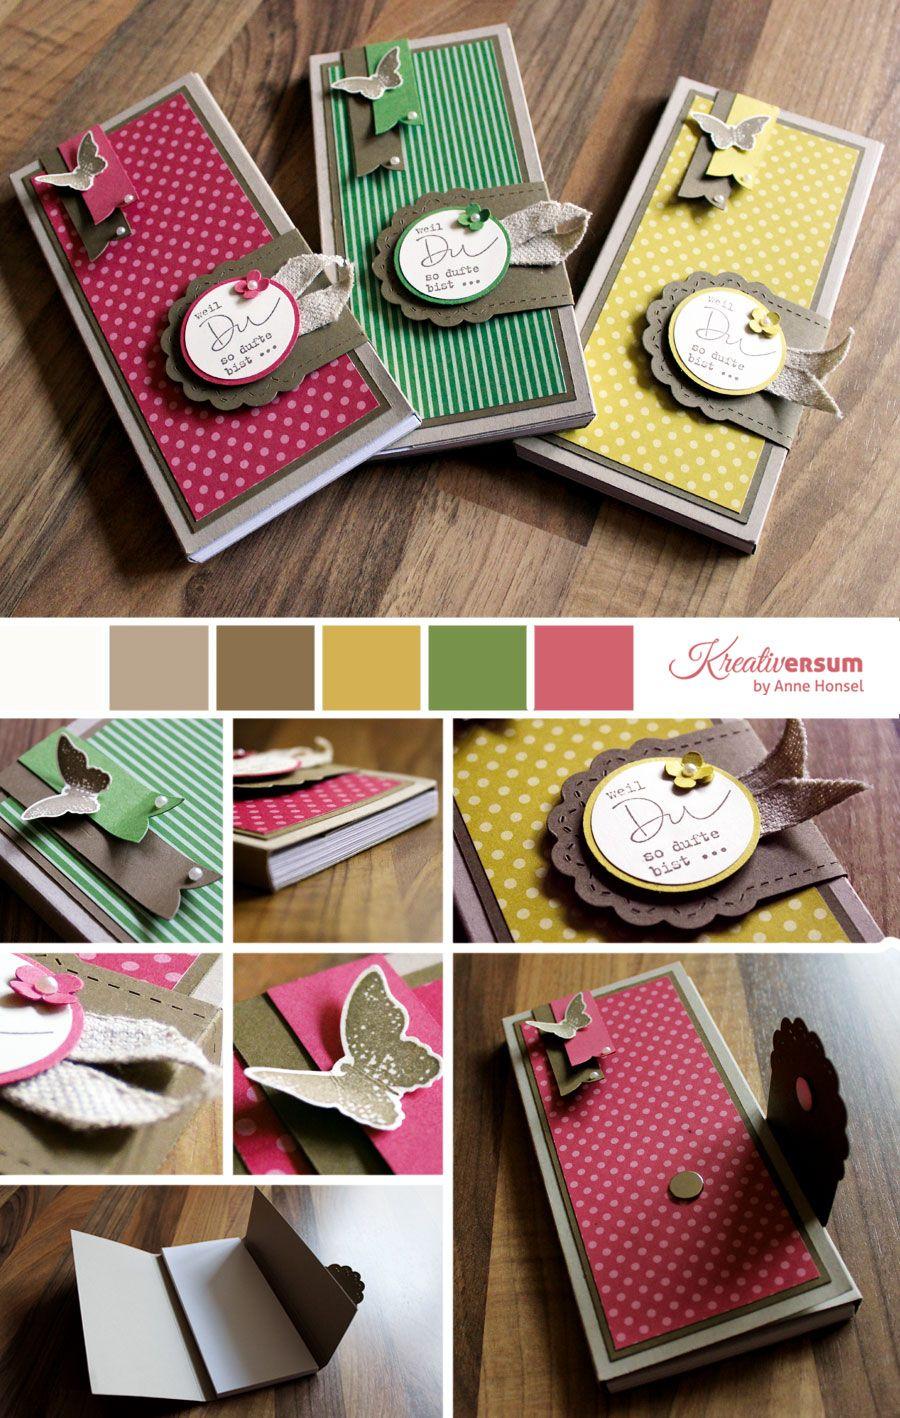 Handmade Paper Craft Handmade Teacher Gift Lot of 3 Teacher/'s Notepads